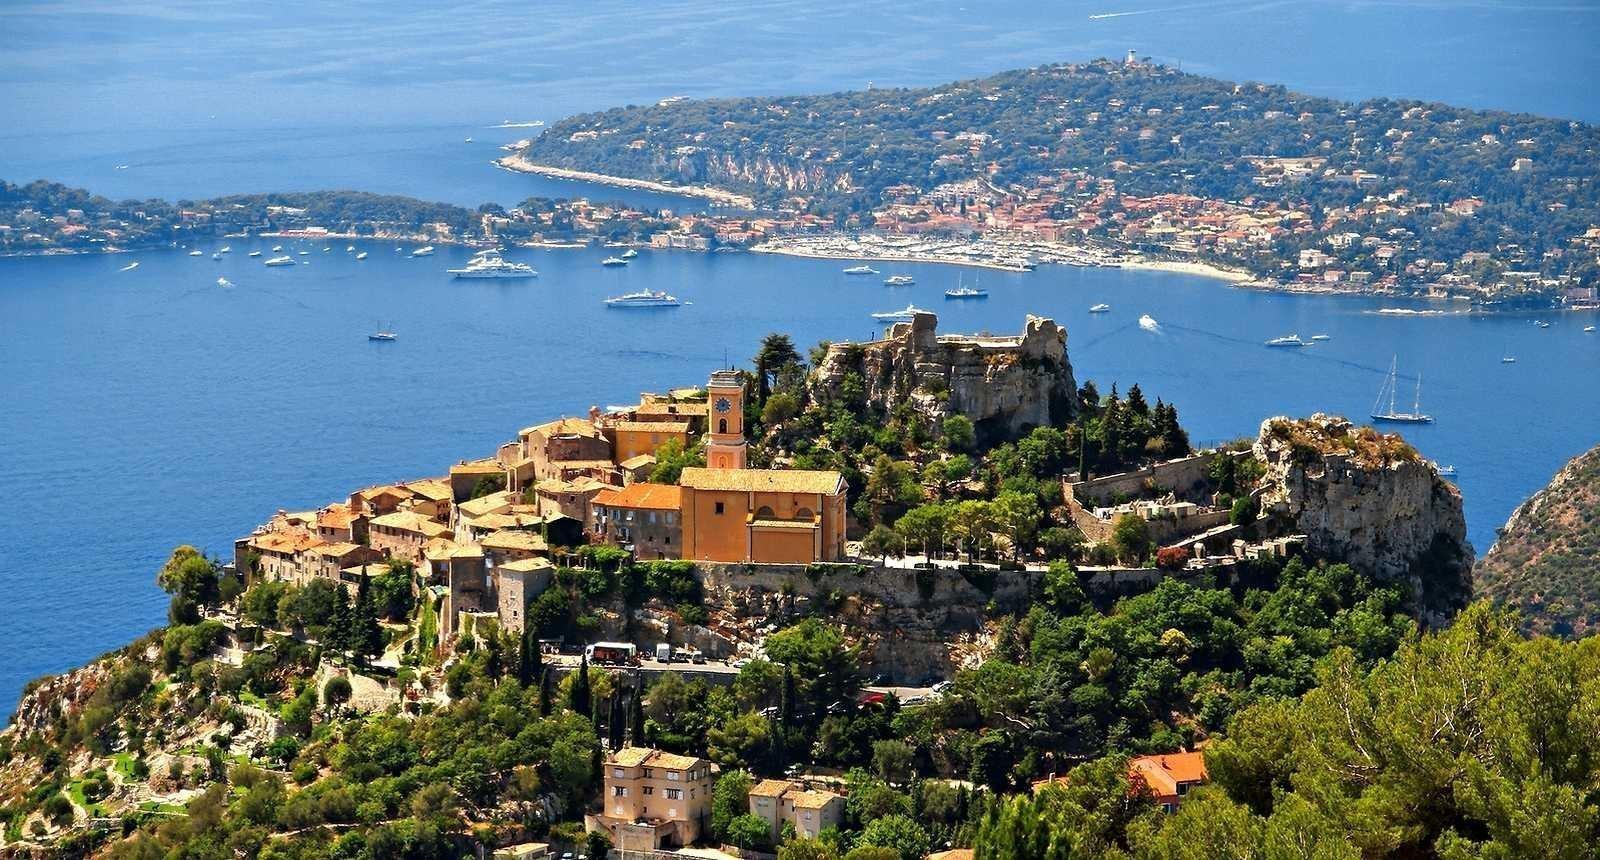 EZE - Provence-Alpes-Côte d'Azur - Vente Appartement neuf d'exception - Vue mer - Piscine